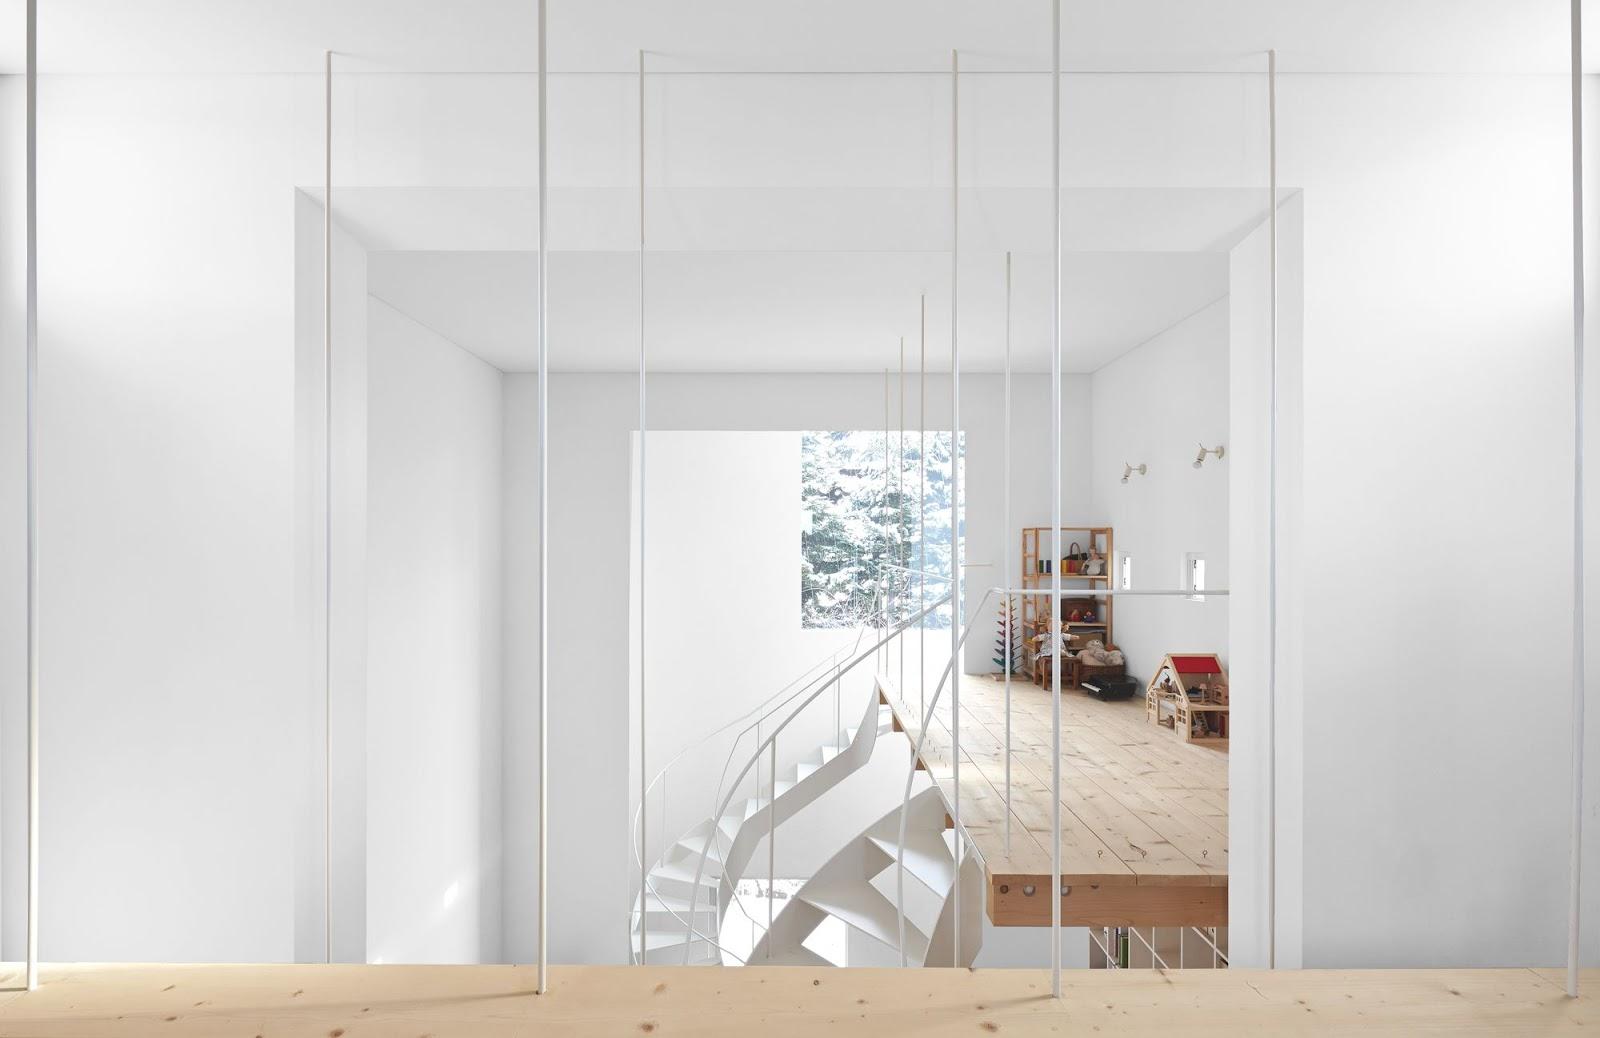 case_house-jun_Igarashi_Architects-17.jpg